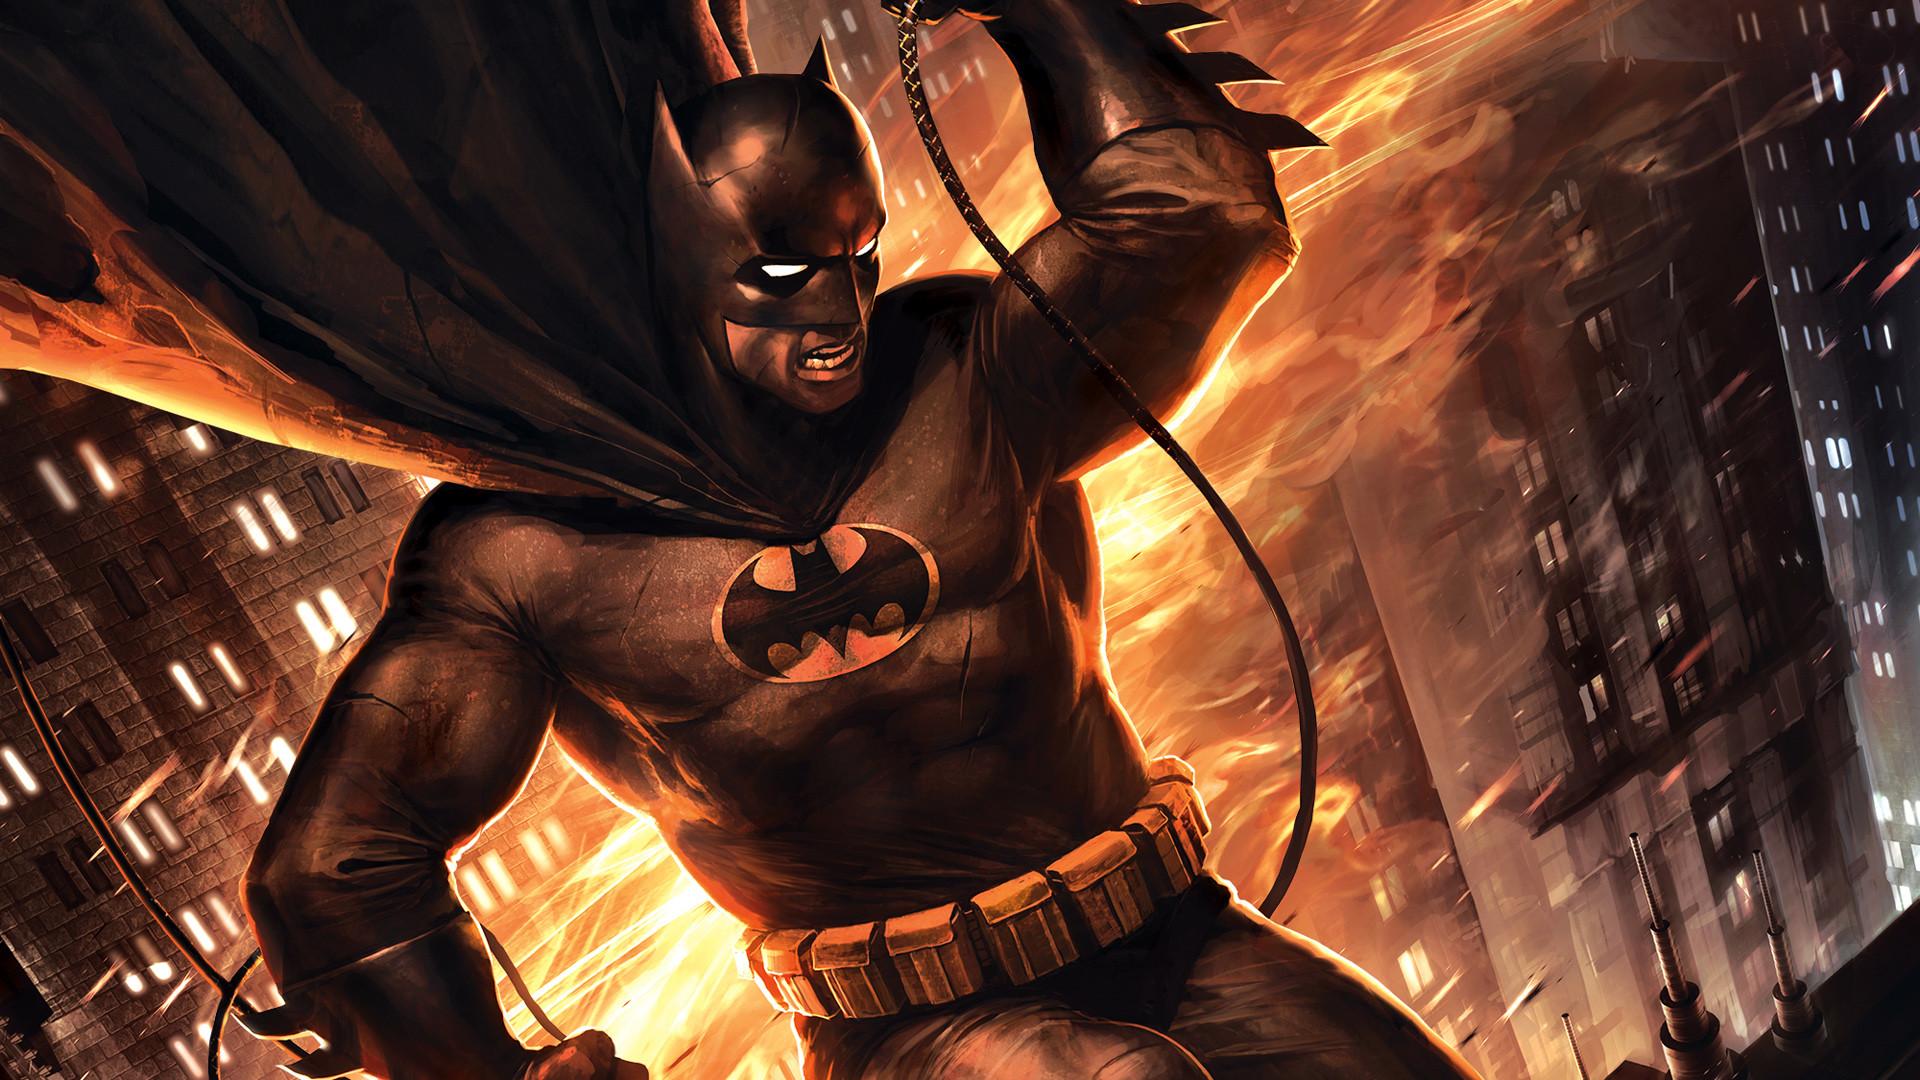 1 Batman: The Dark Knight Returns, Part 2 HD Wallpapers | Backgrounds –  Wallpaper Abyss